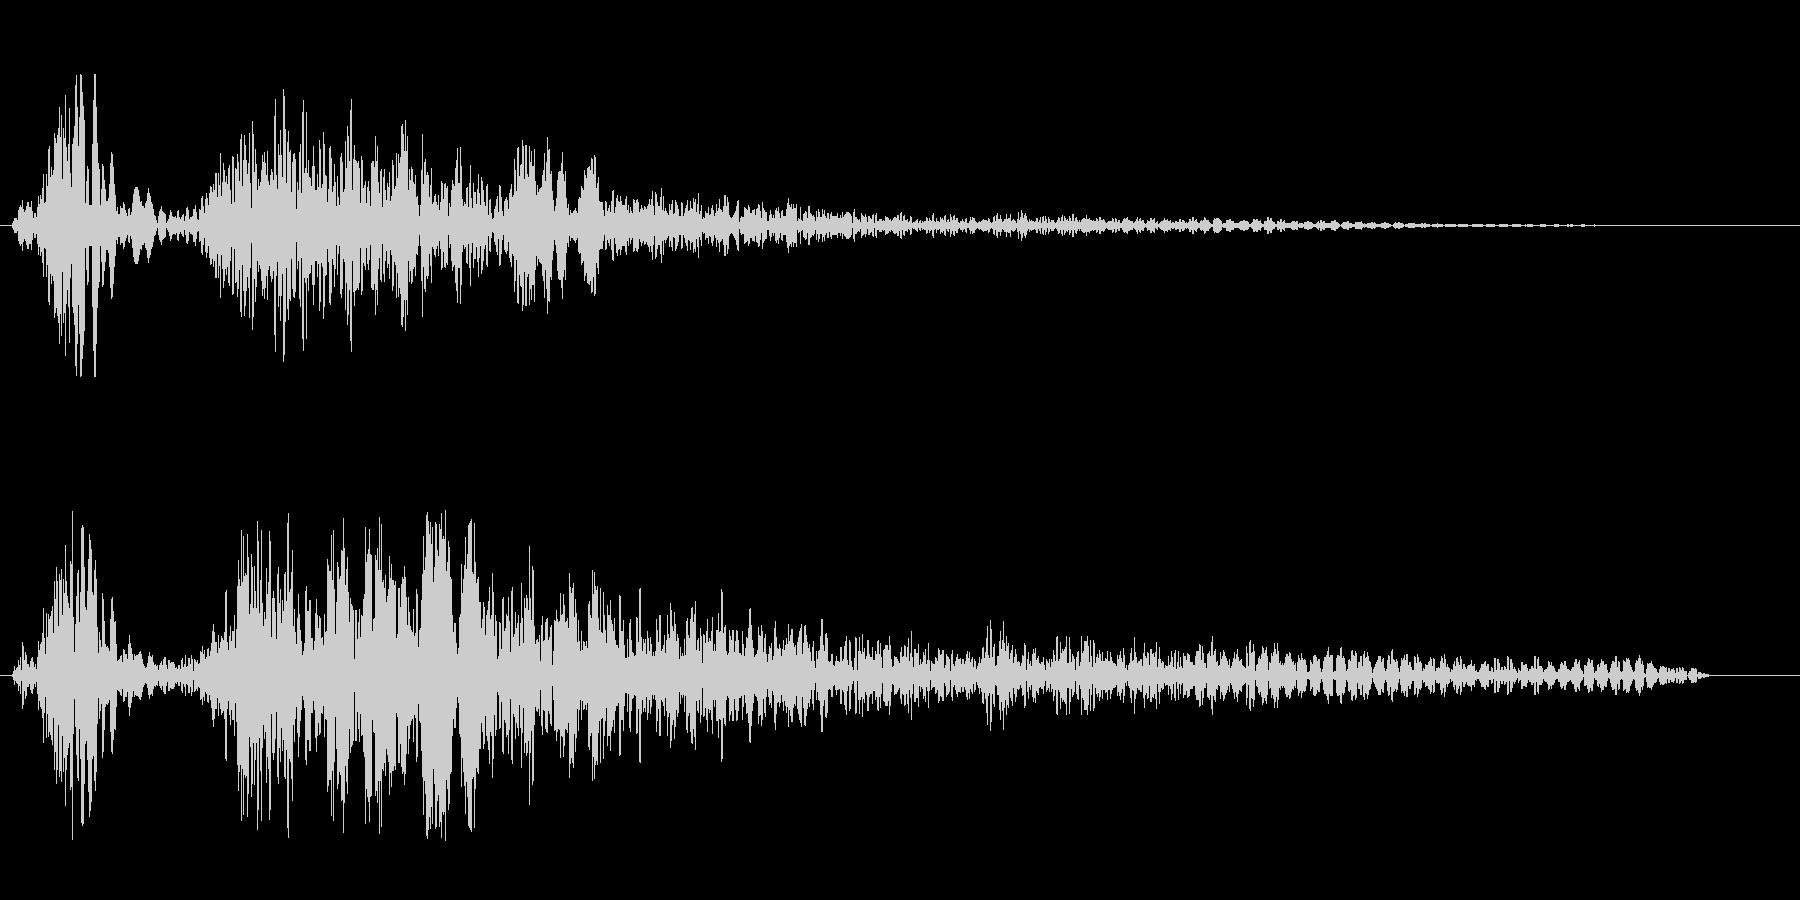 シューン(風の音色)の未再生の波形